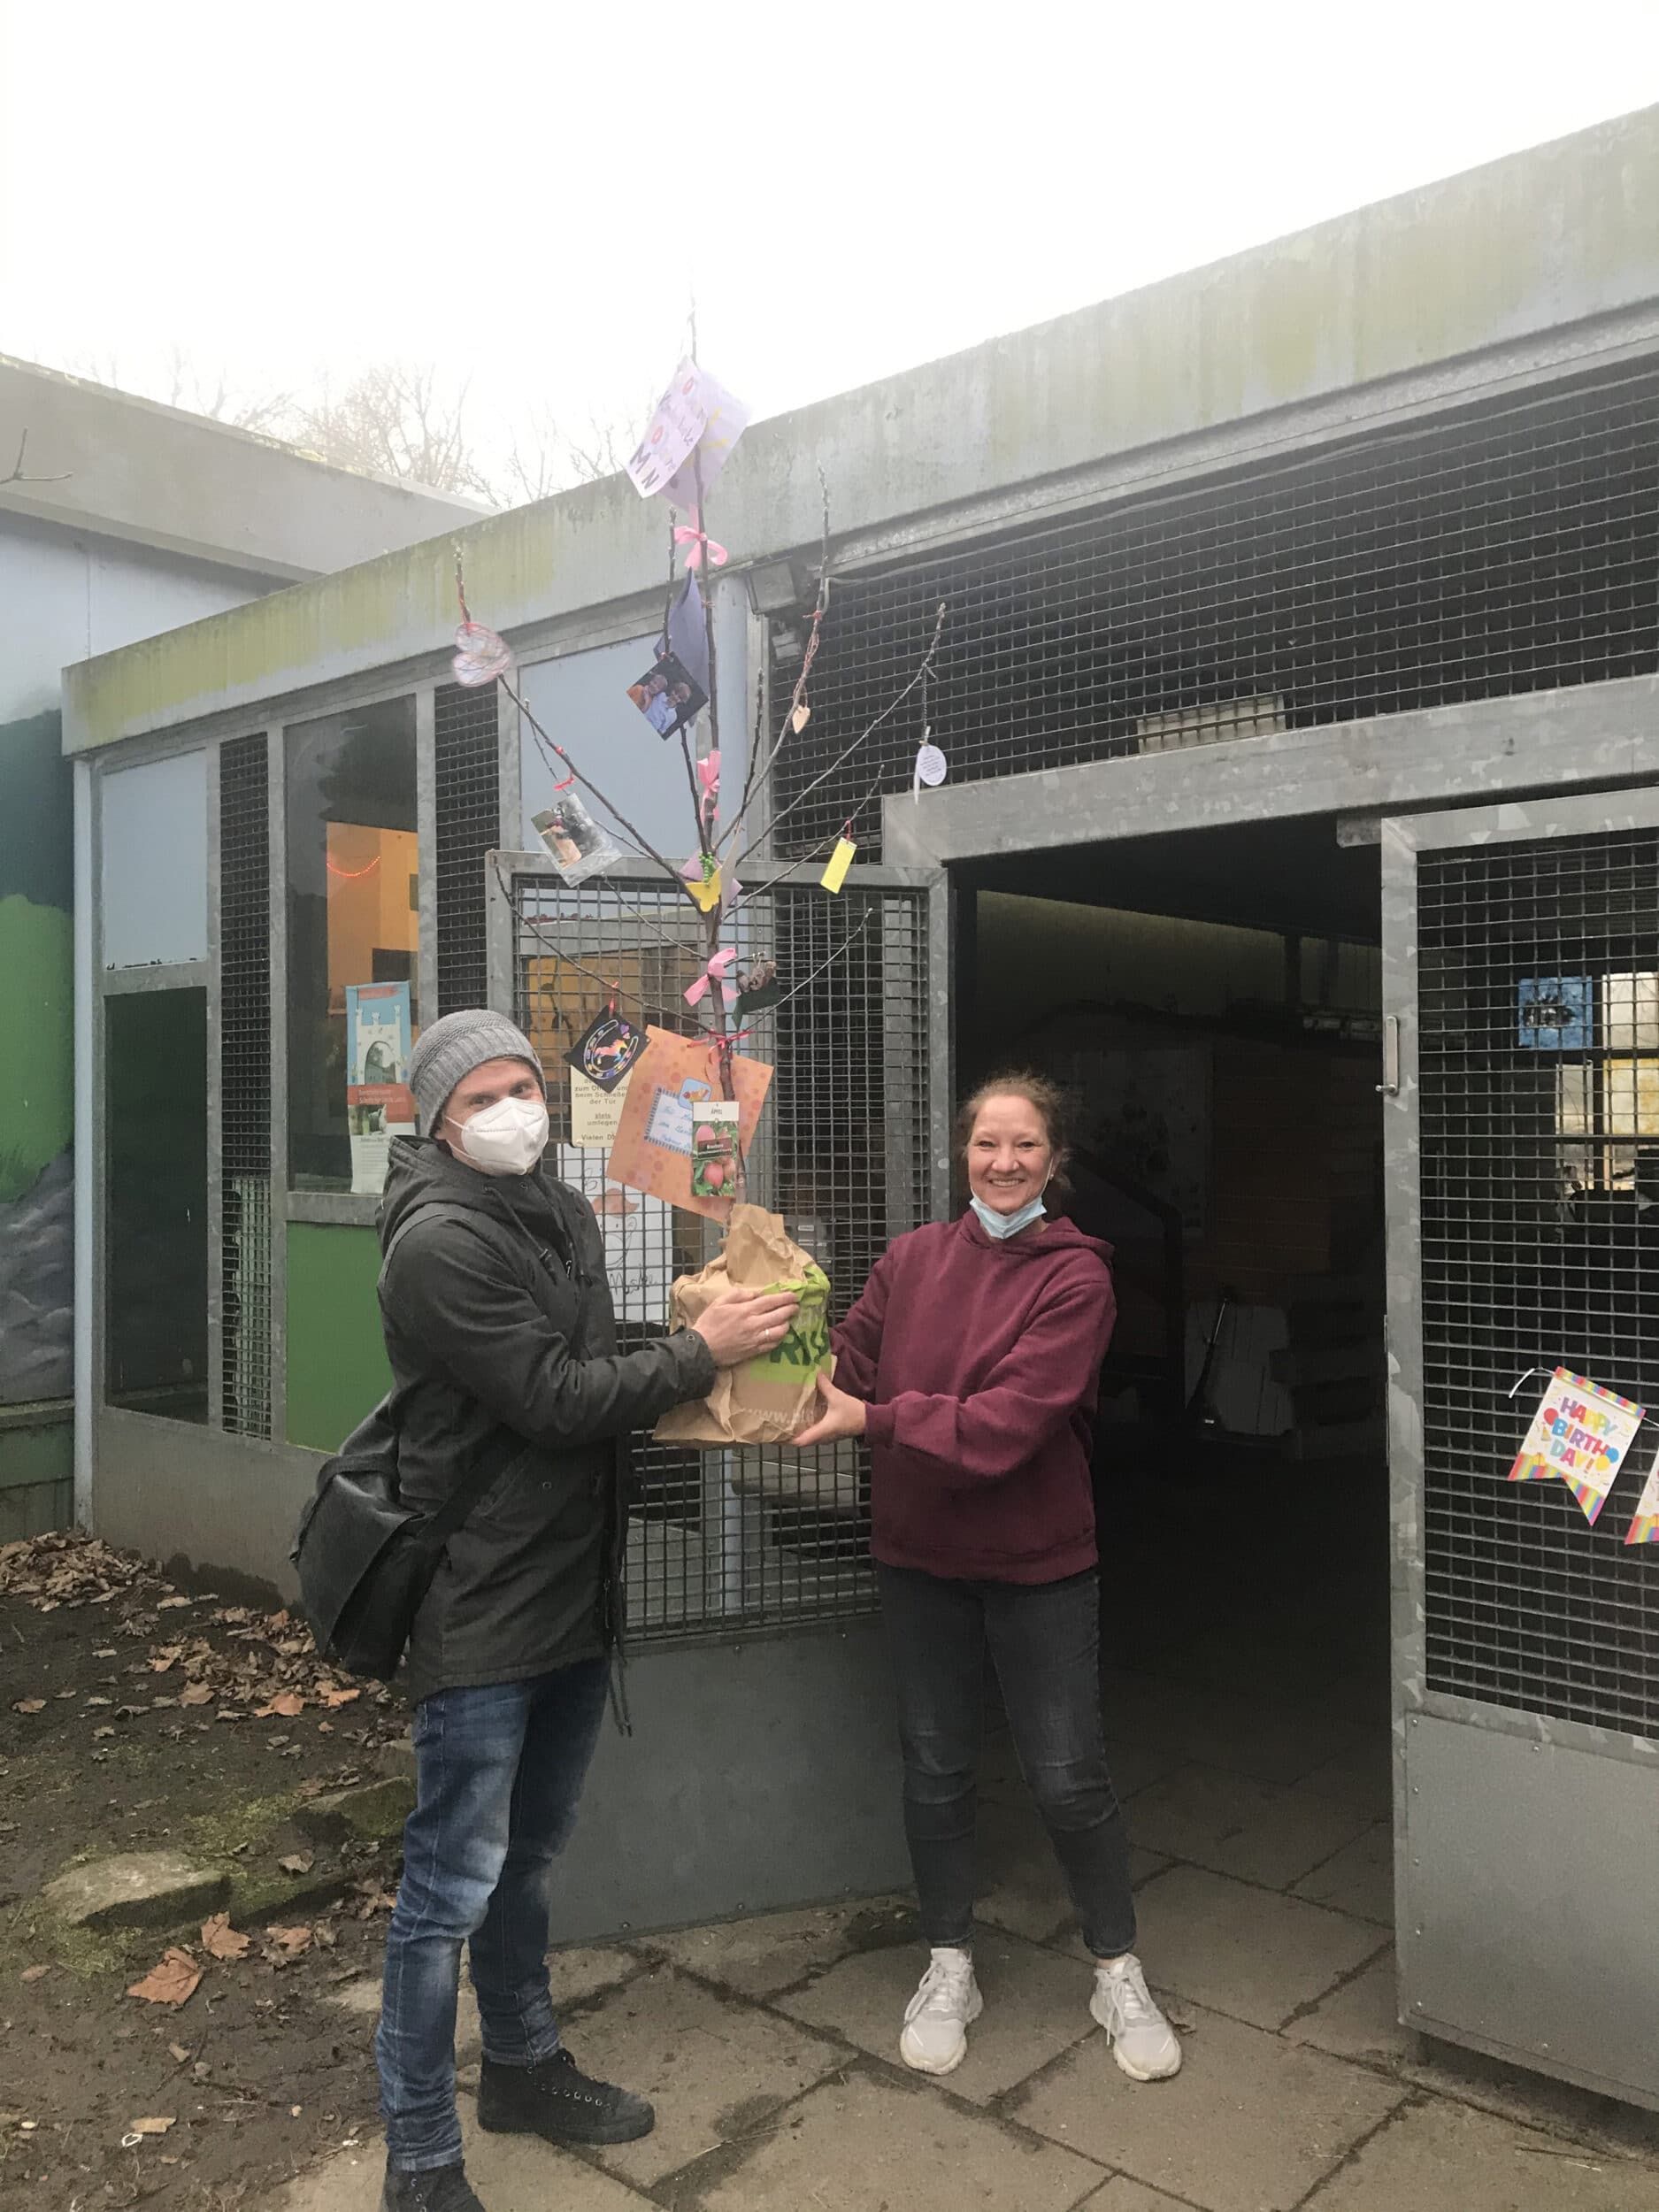 Zum Jubiläum ein Apfelbäumchen – die Feier allerdings ist, wenn's nach Leiterin Monika Reimann geht, nur aufgeschoben. (Foto: Simone Knapp)